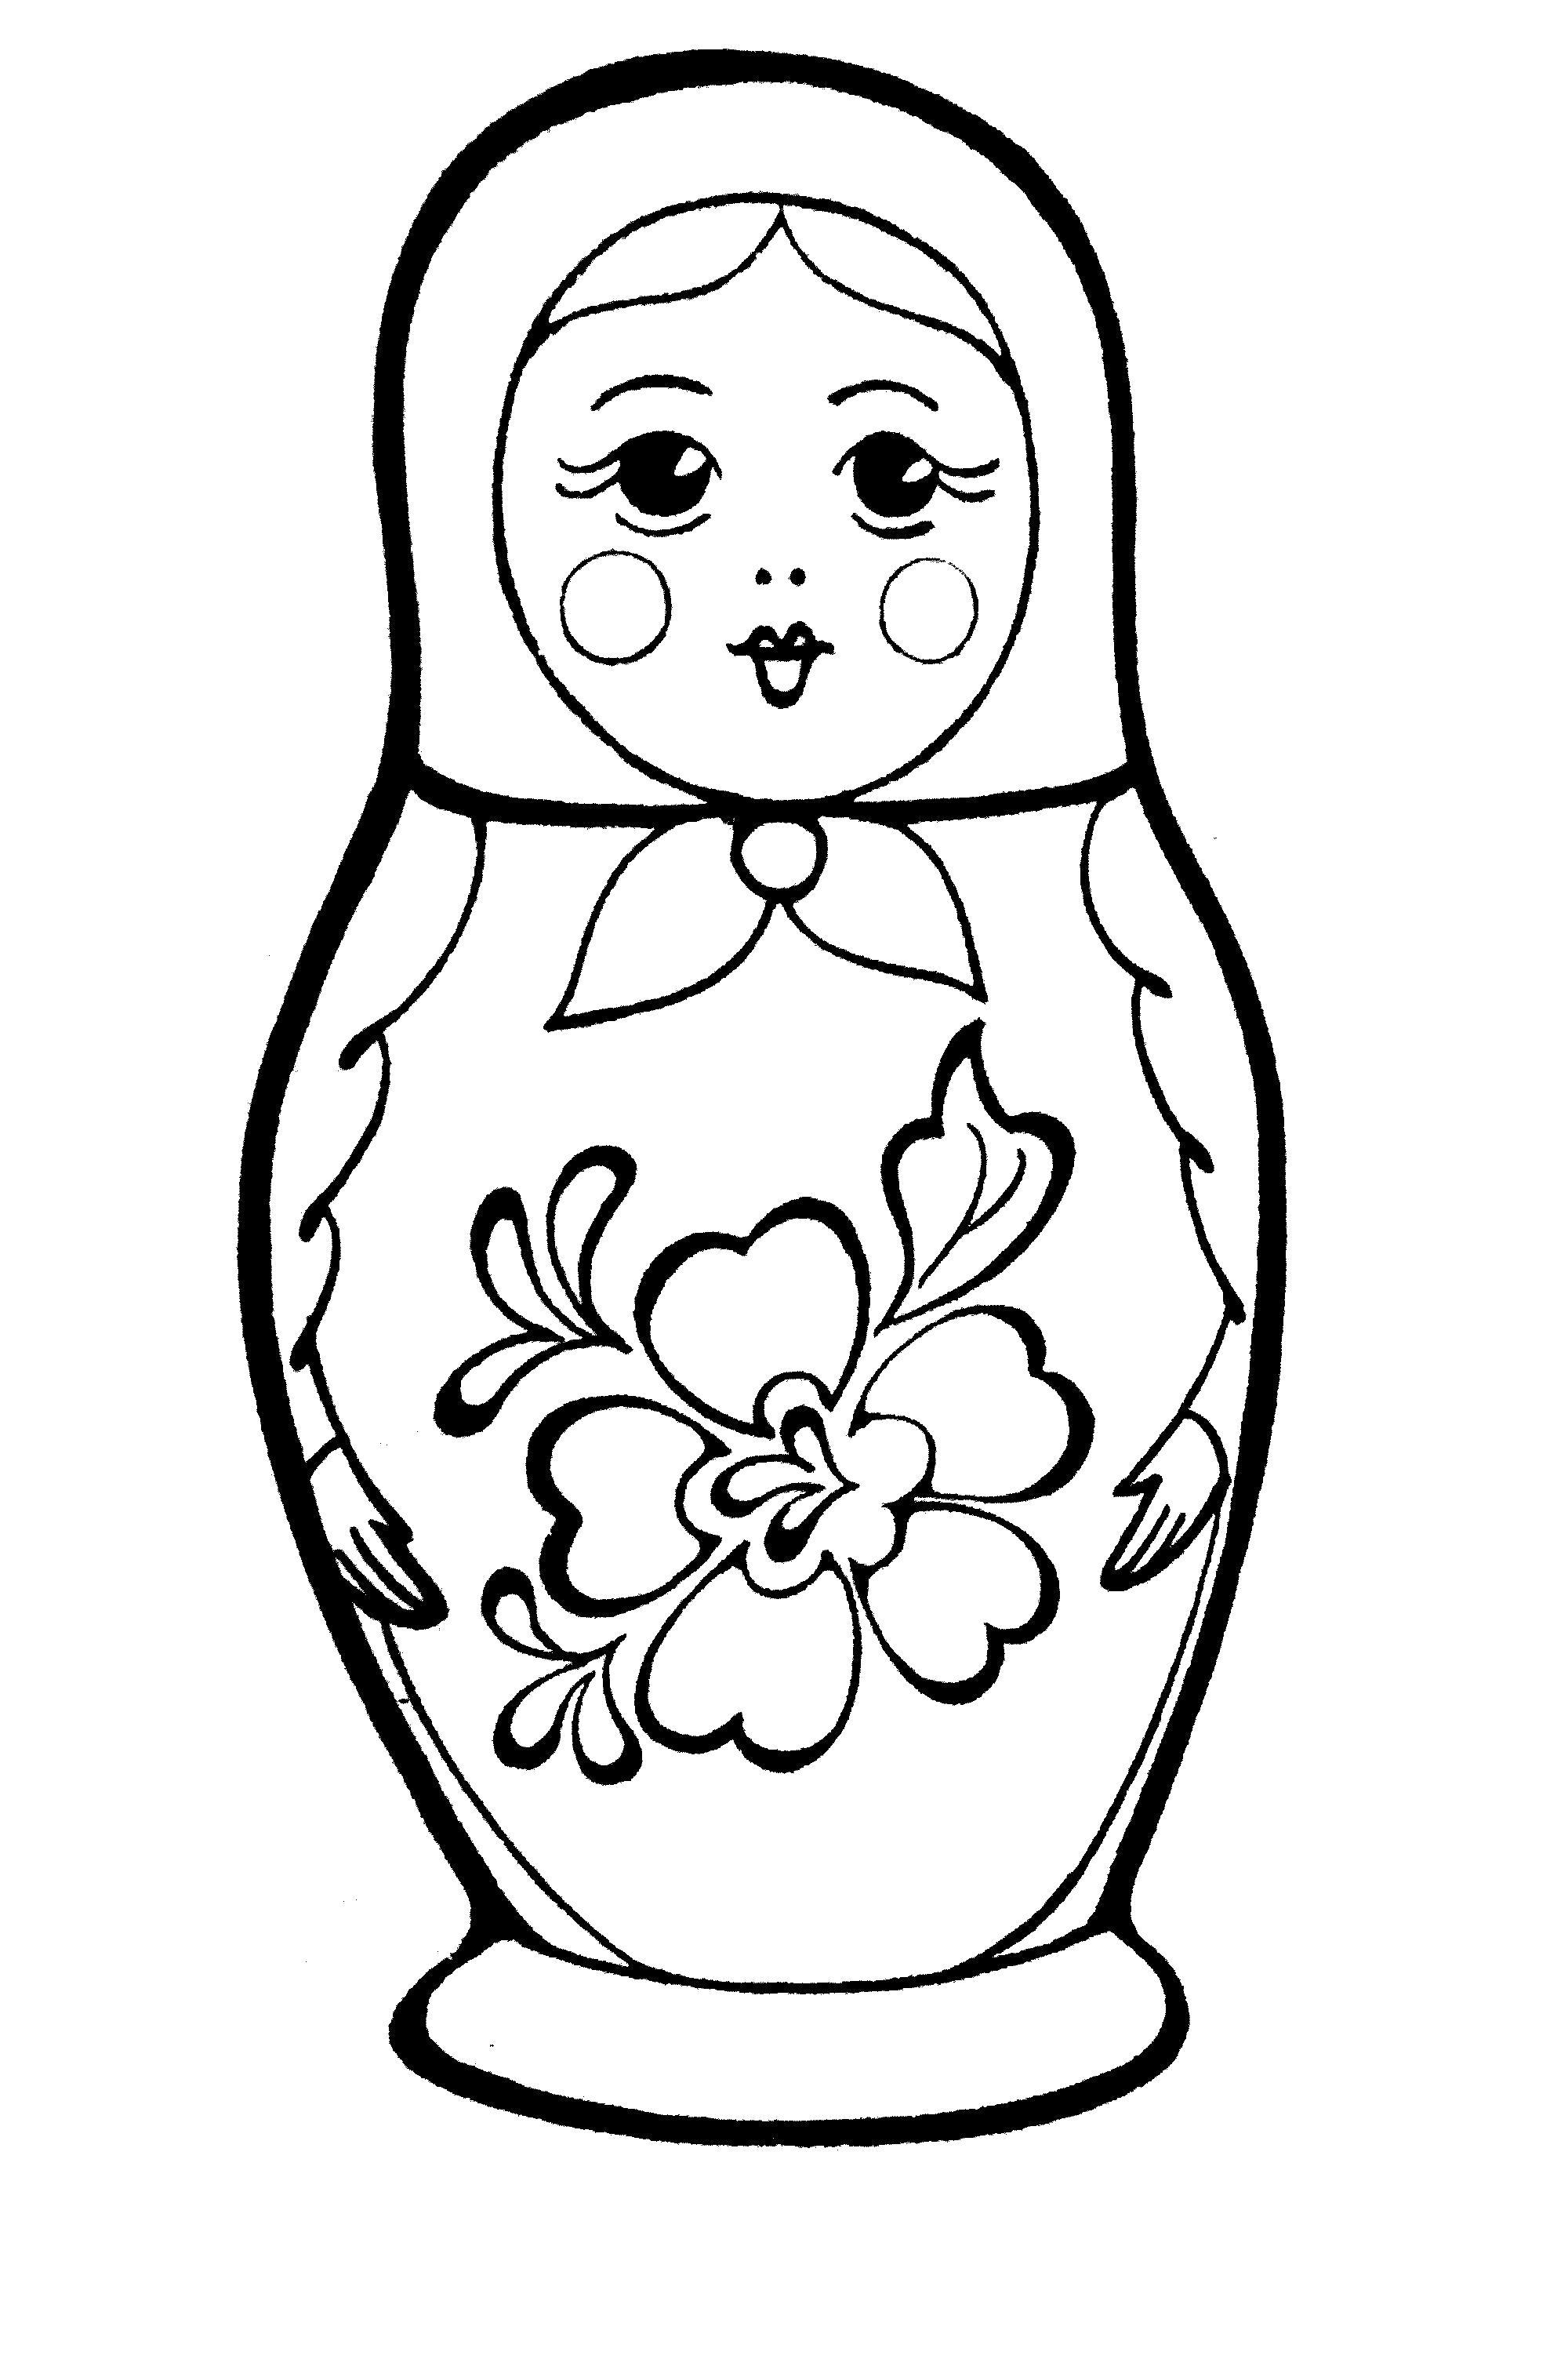 Раскраска матрешка рисунок, матрешка, матрешка с цветком. Скачать Матрешка.  Распечатать Матрешка